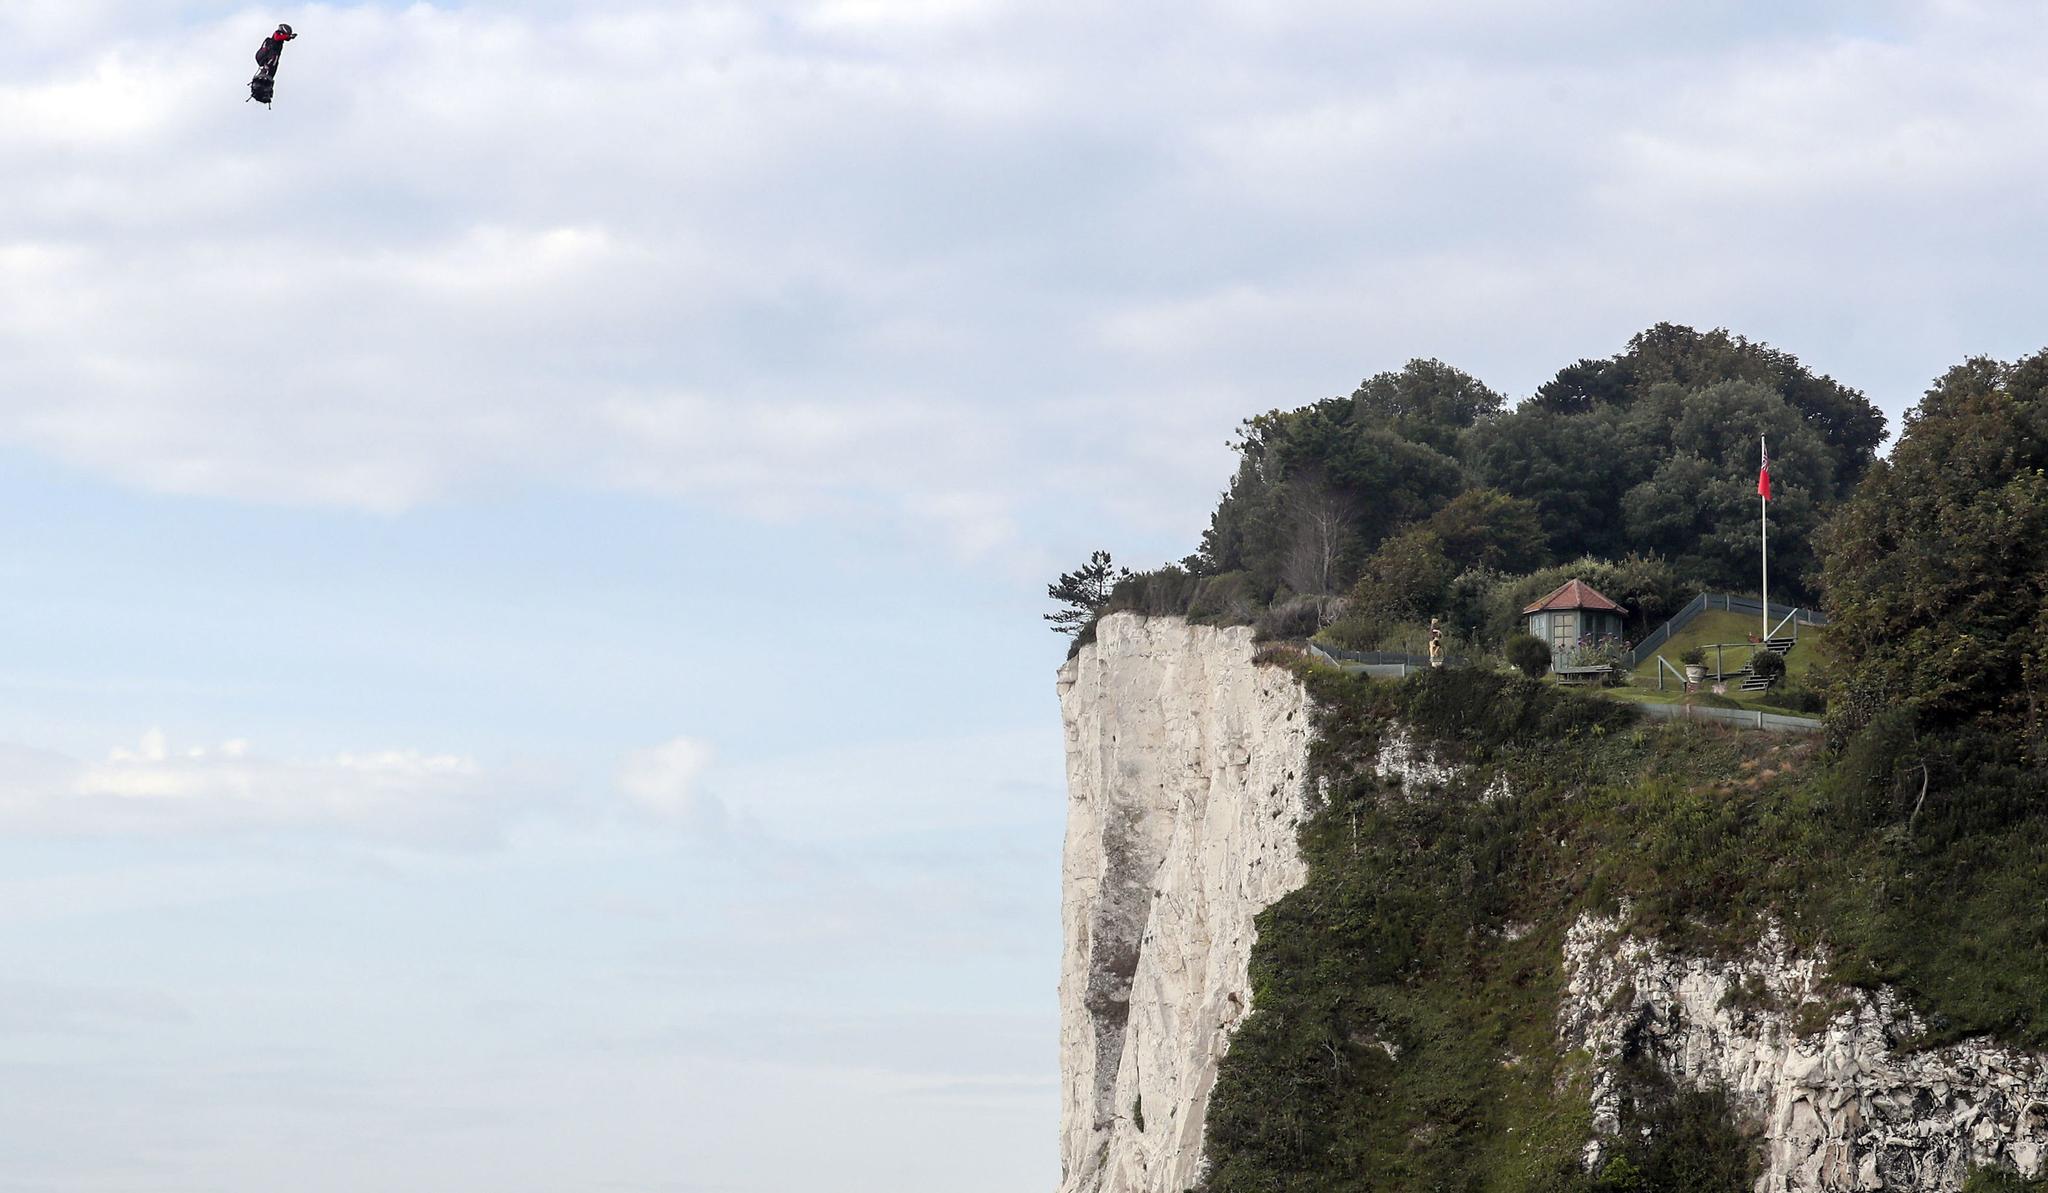 프랭키 자파타가 4일(현지시간) 자신의 플라잉보드를 타고 영국 해협을 건너 세인트 마거릿 만에 도착하고 있다. [AP=연합뉴스]